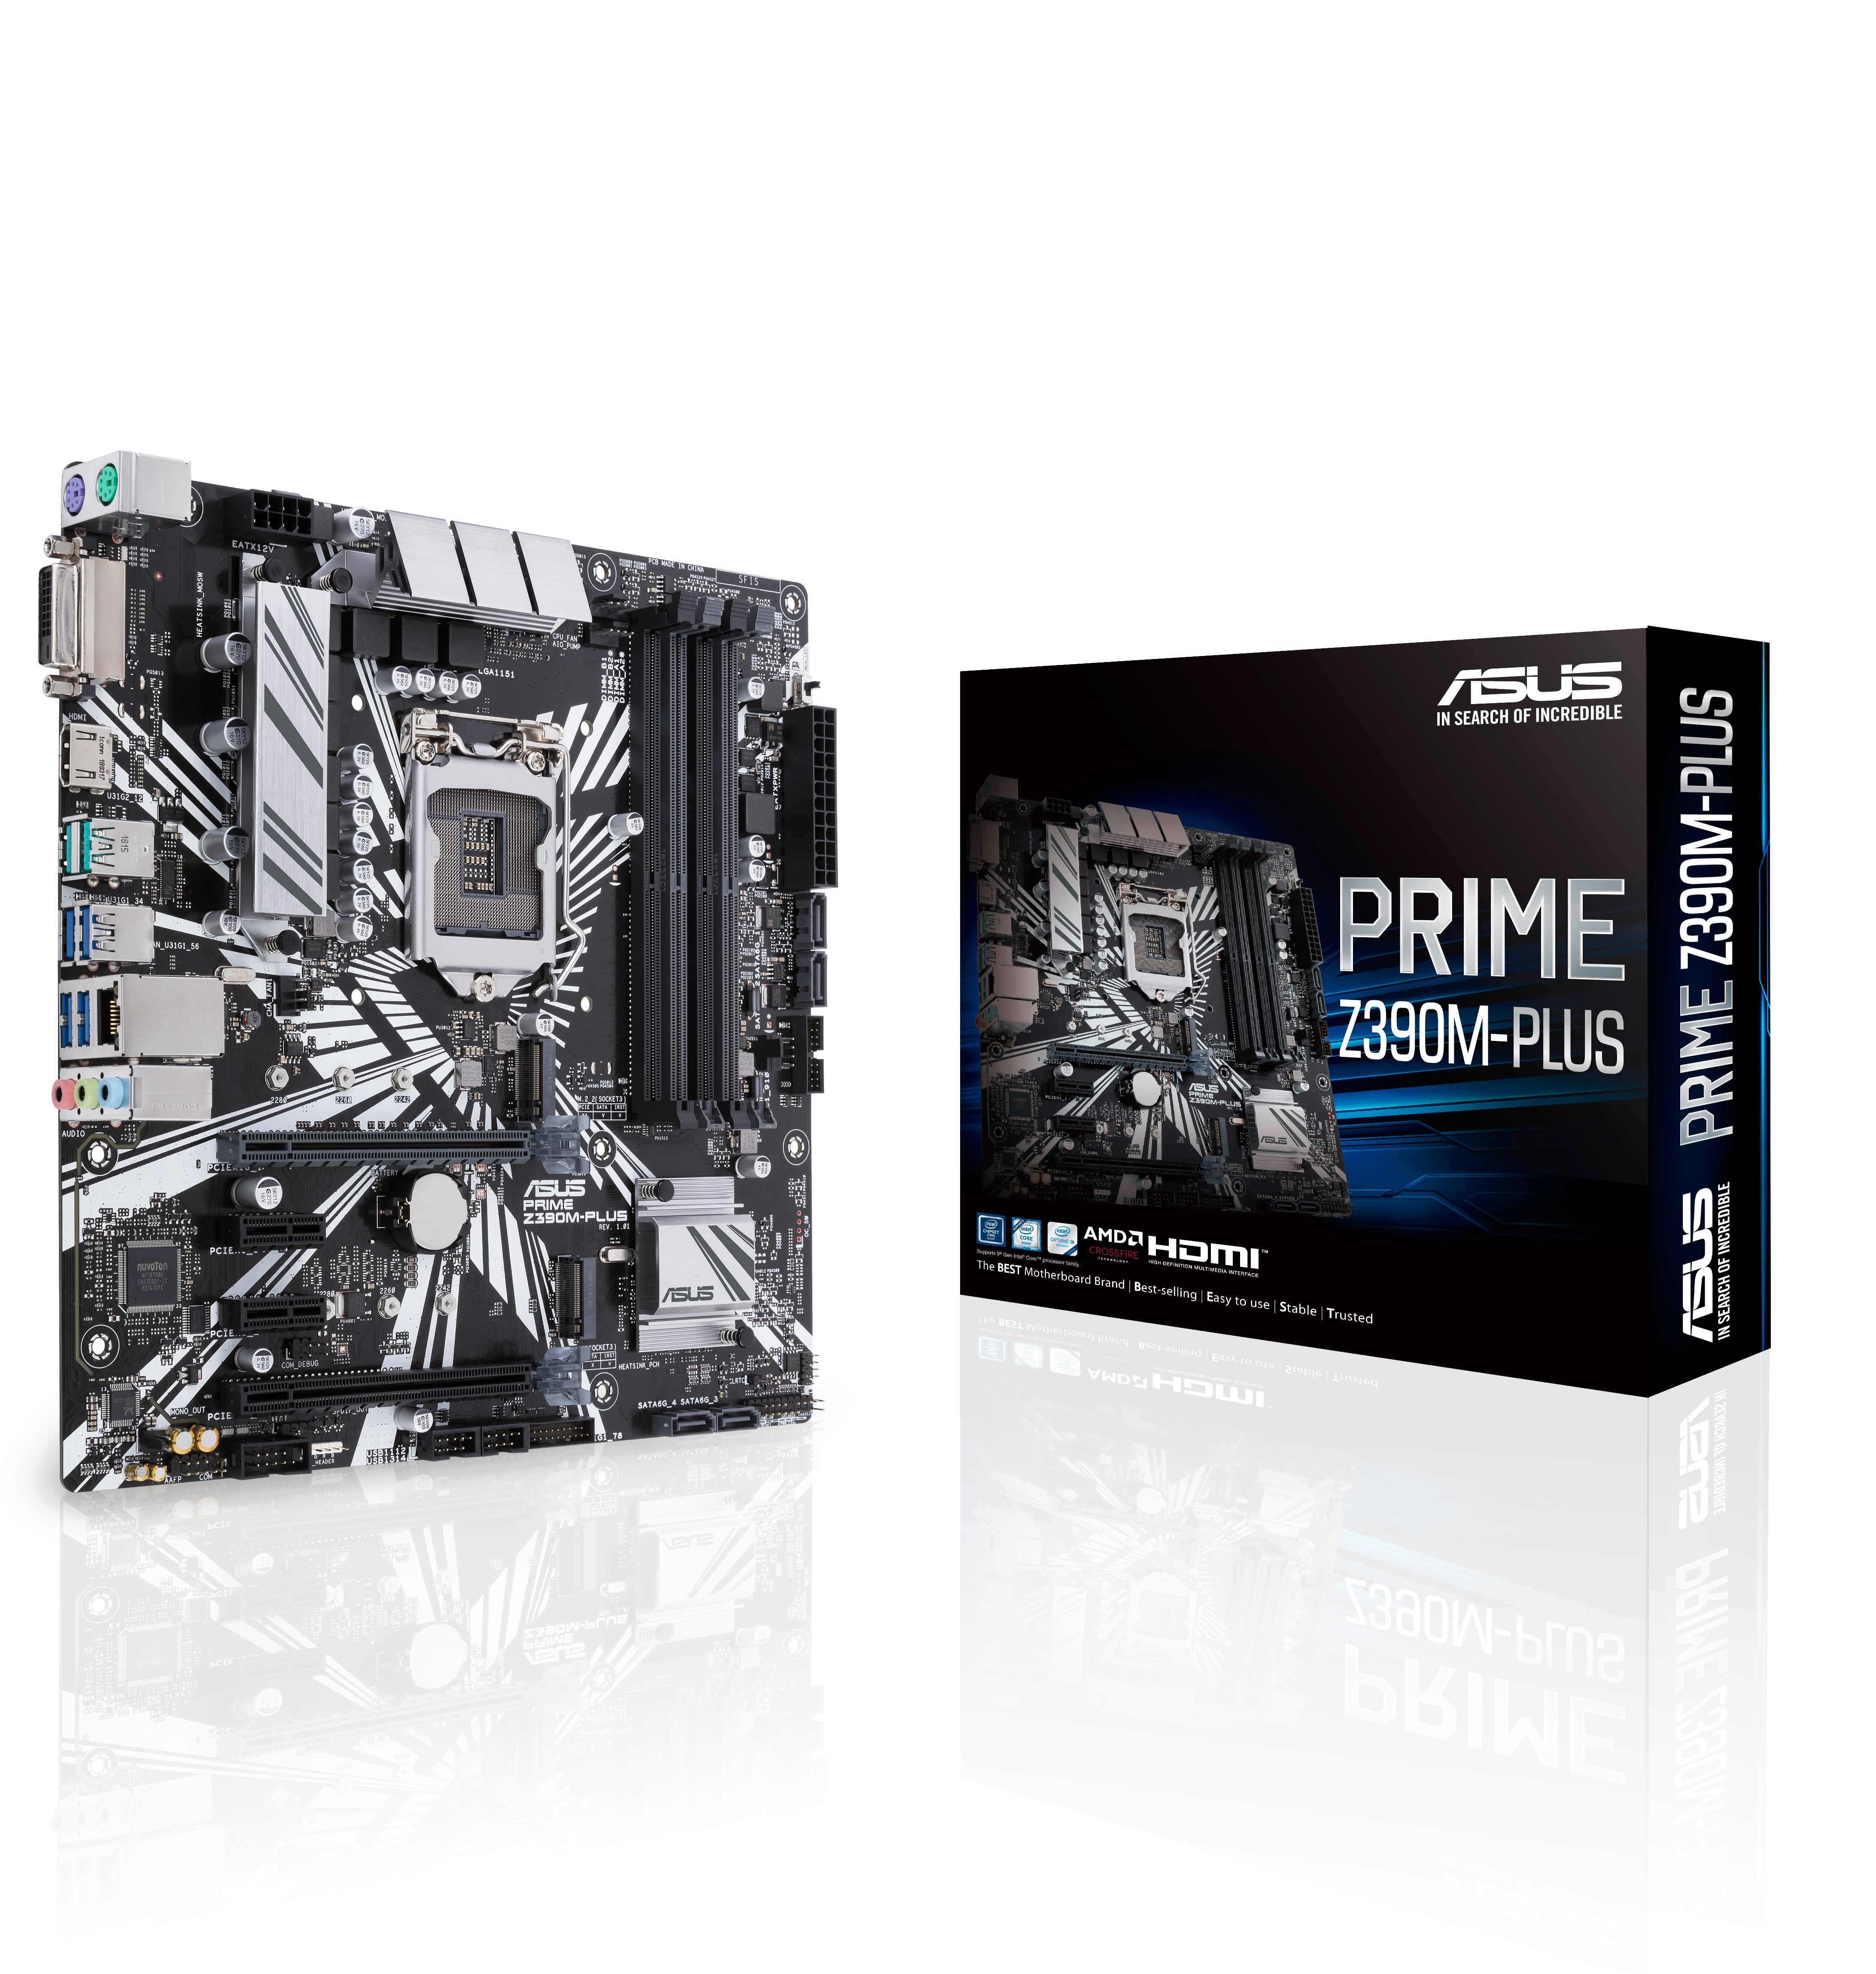 PRIME Z390M-PLUS LGA 1151 (ZóCALO H4) INTEL Z390 MICRO ATX